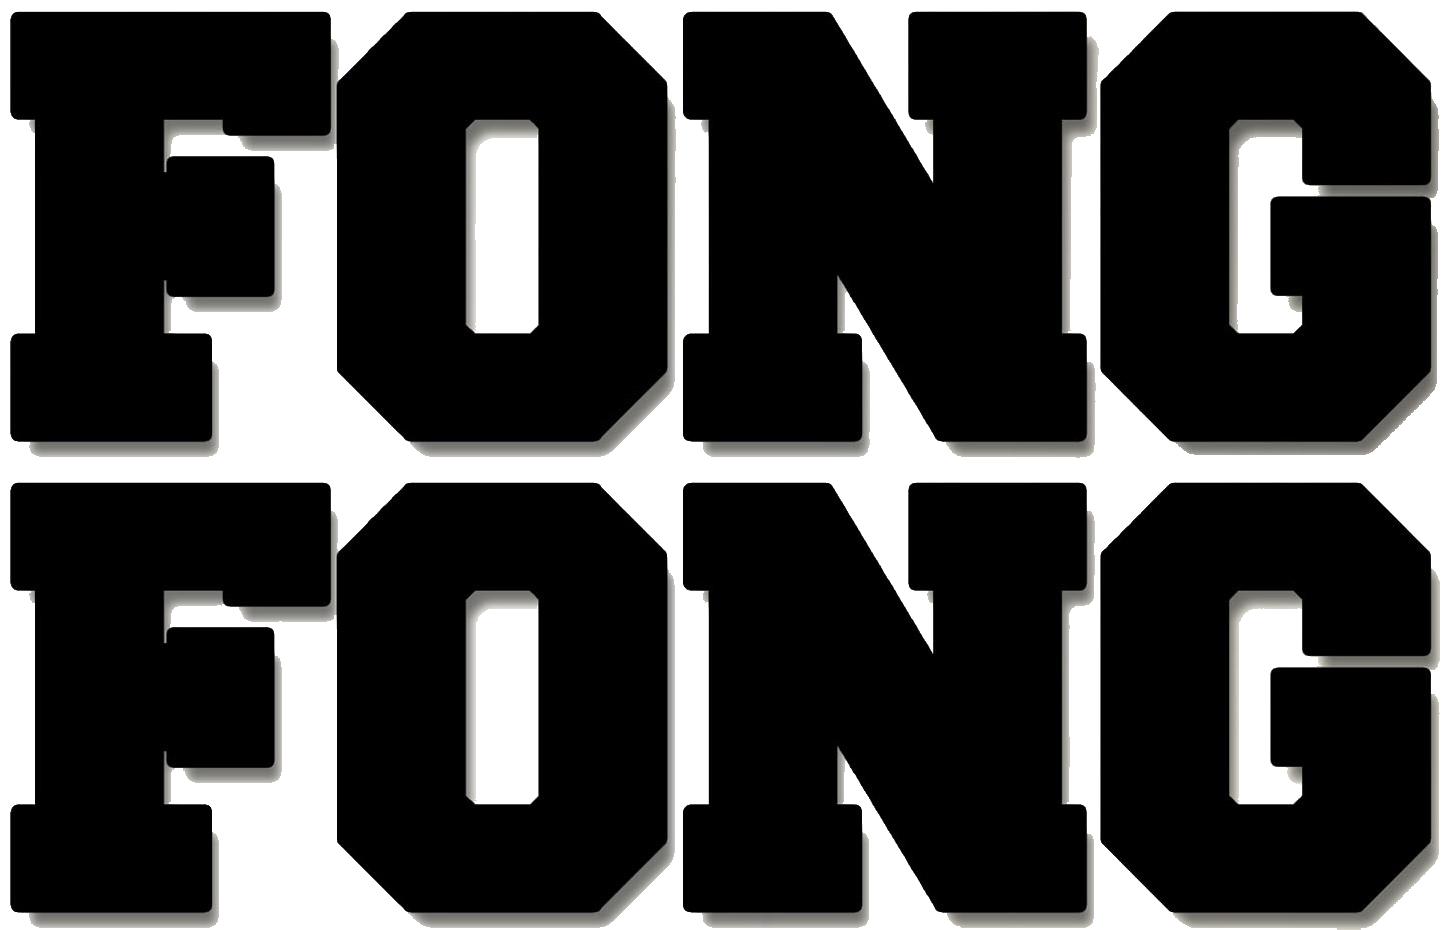 fong-fong-logo.png